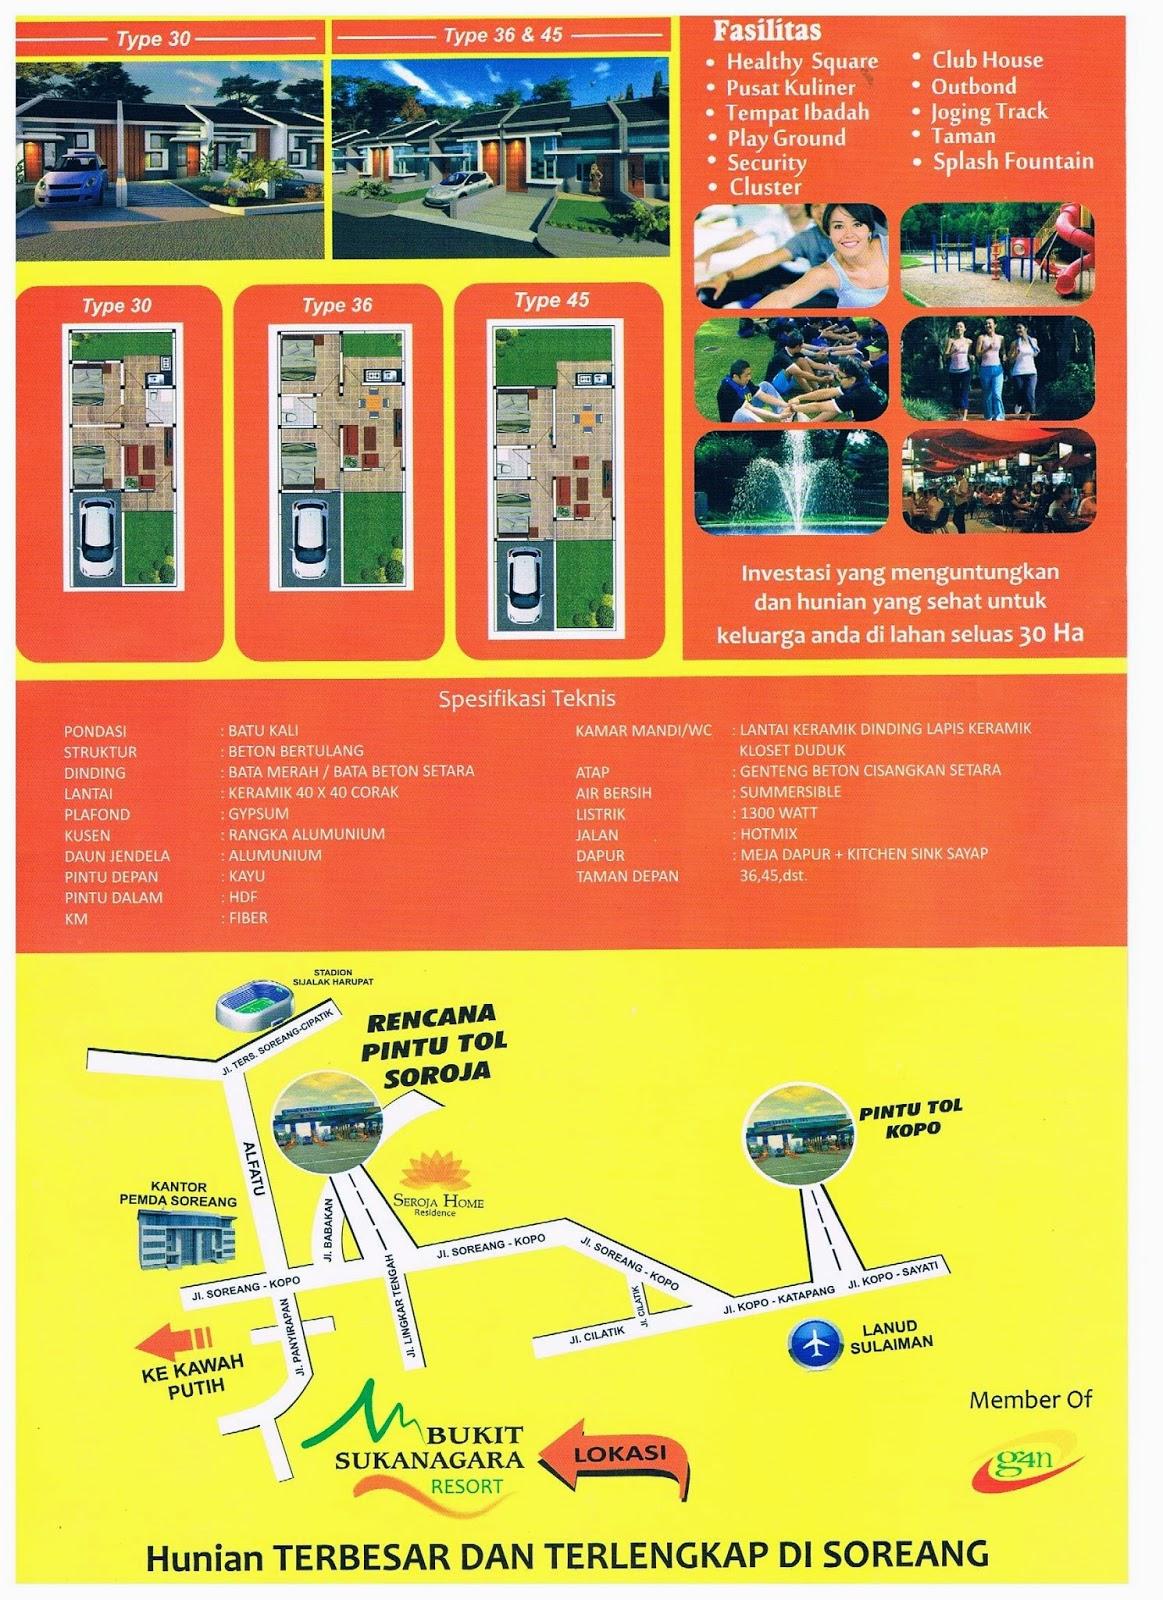 Supermarket Properti January 2015 Sariwangi Regency Konsep 2 Lantai Jl